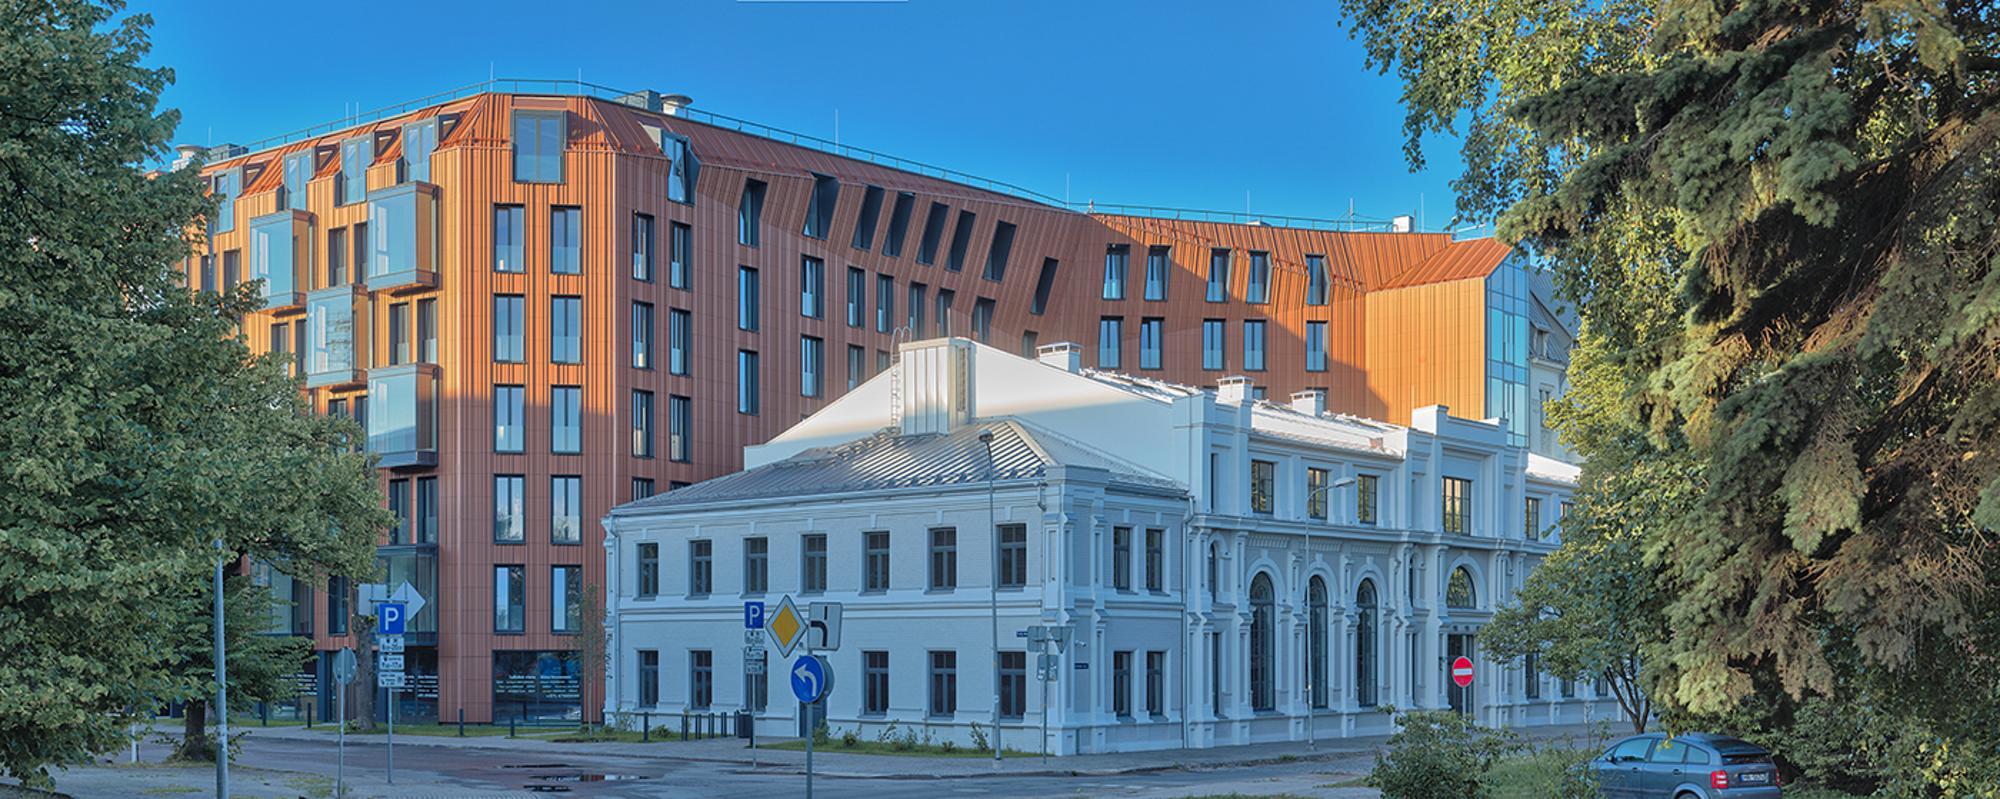 Strēlnieku iela 8,  Rīga